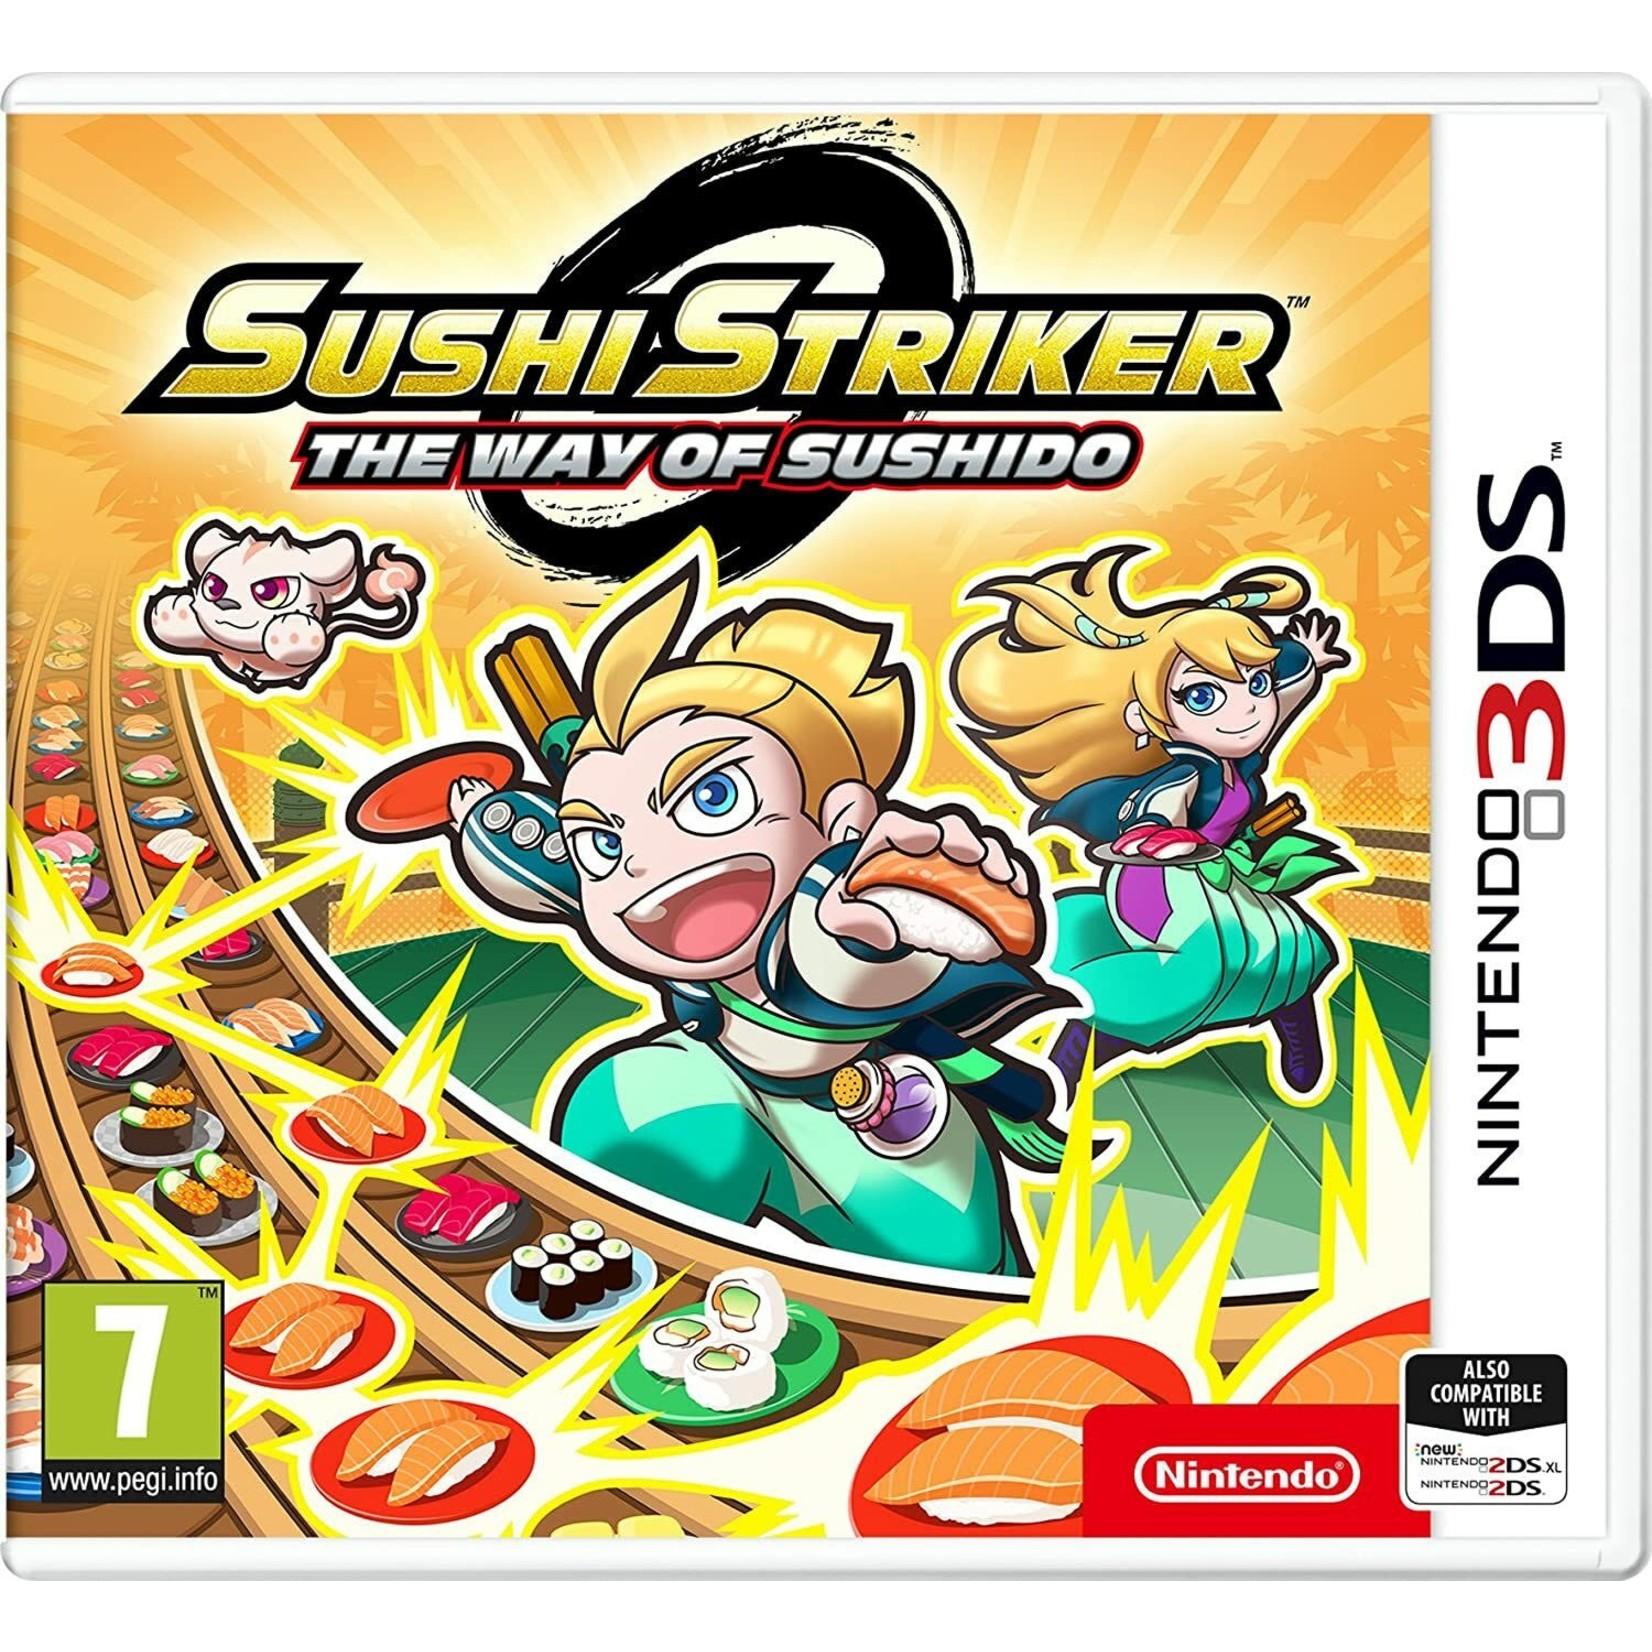 3DSU-Sushi Striker: The Way of Sushido